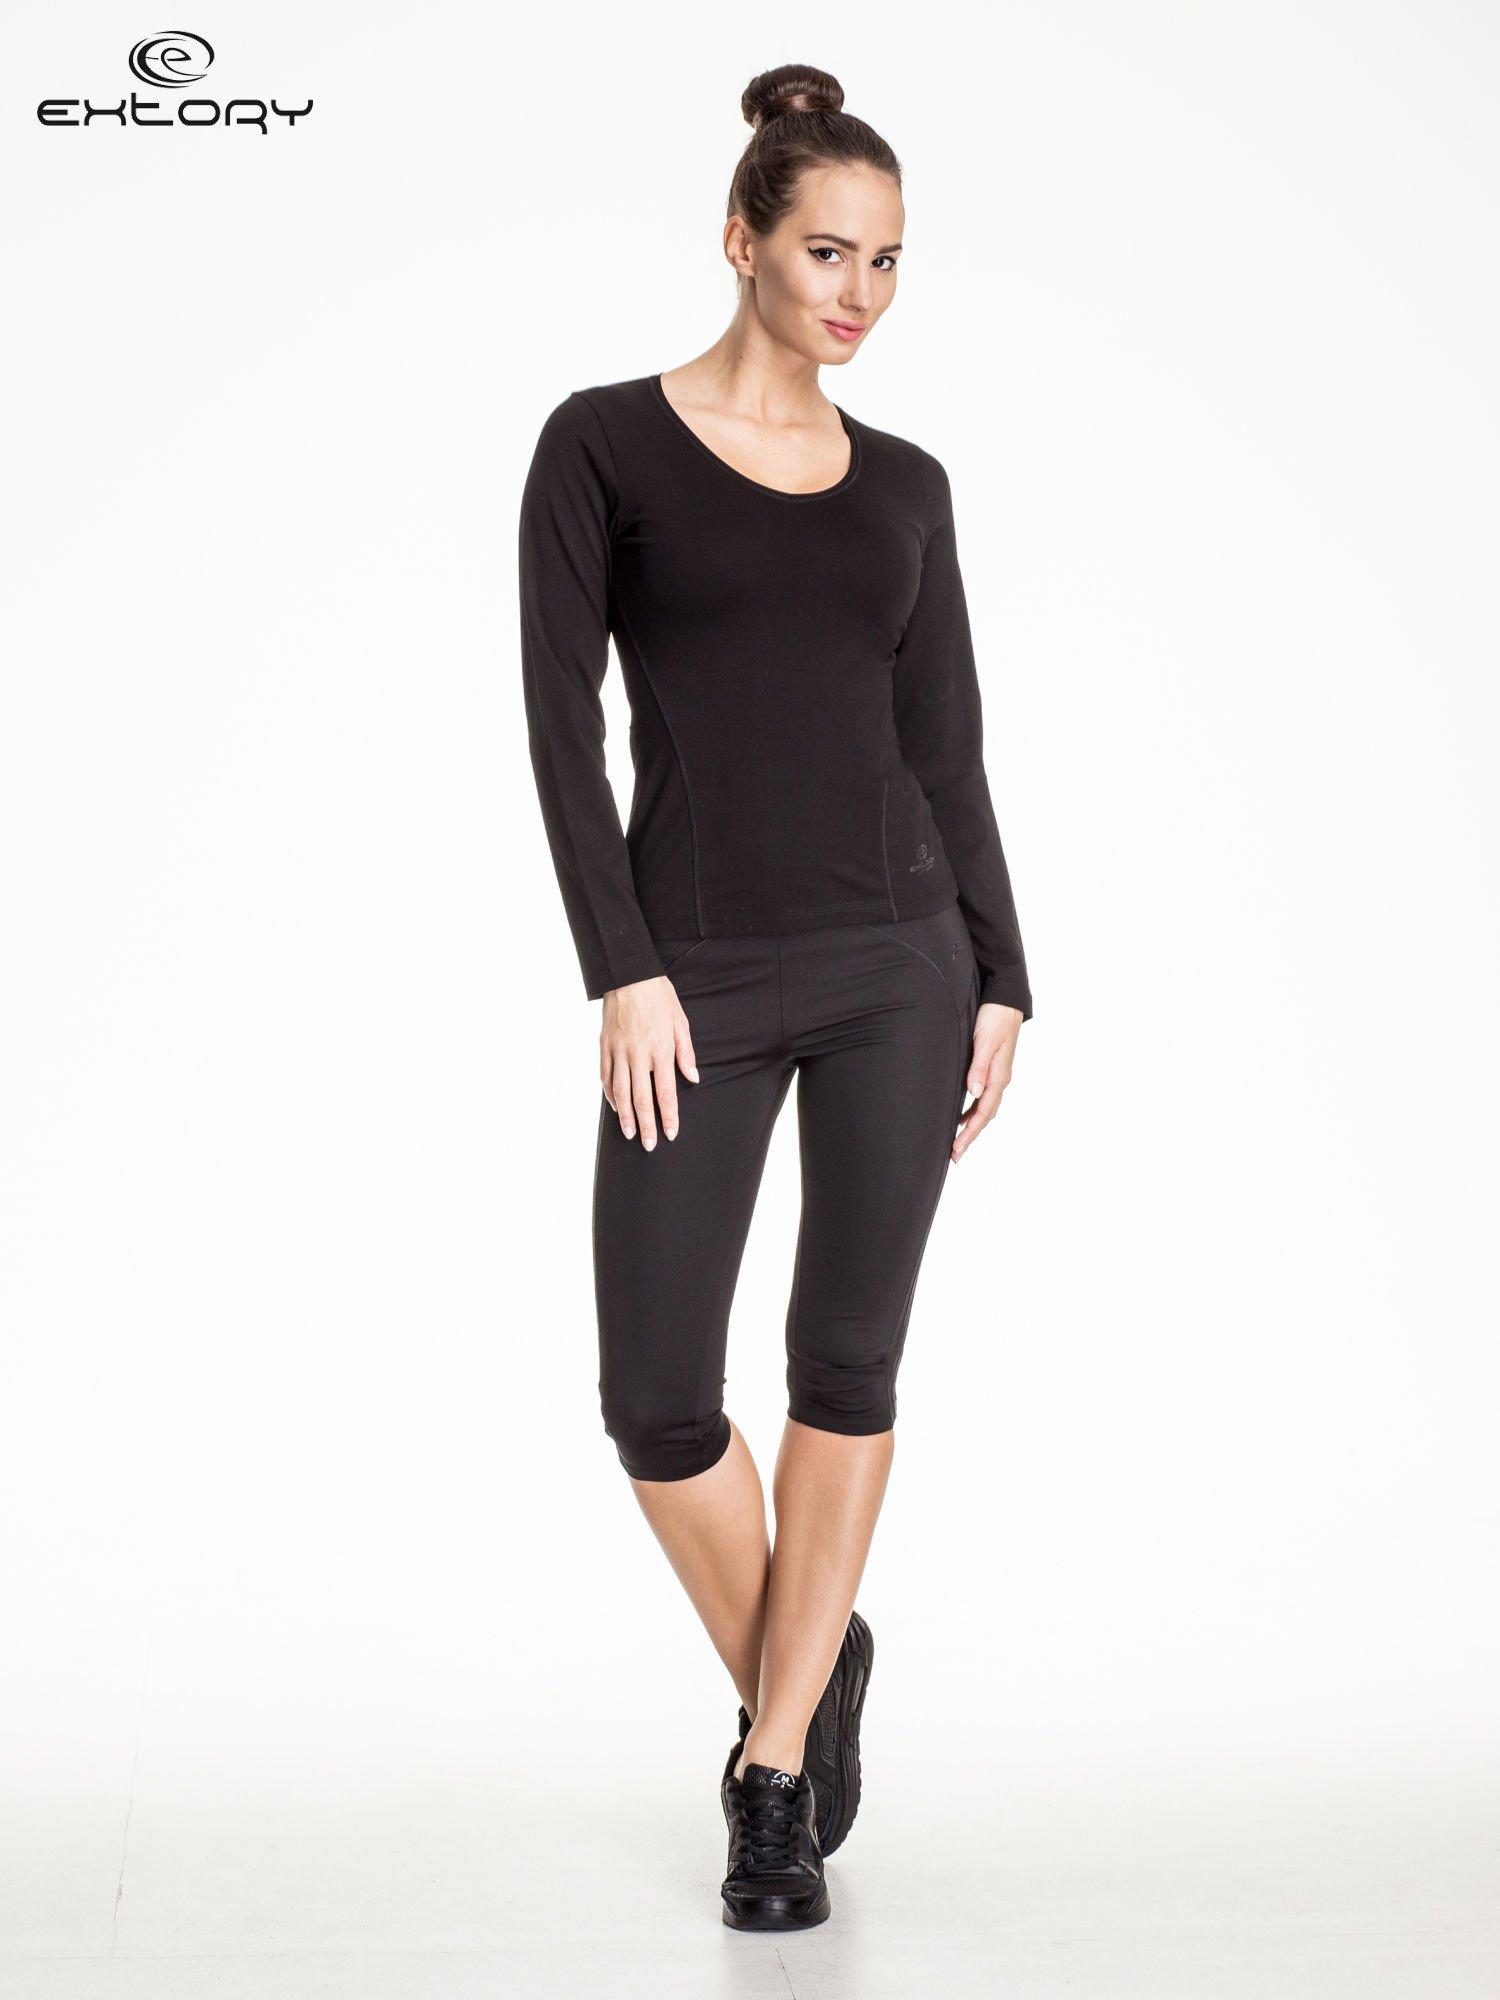 Czarna bluzka sportowa z dekoltem V                                  zdj.                                  2